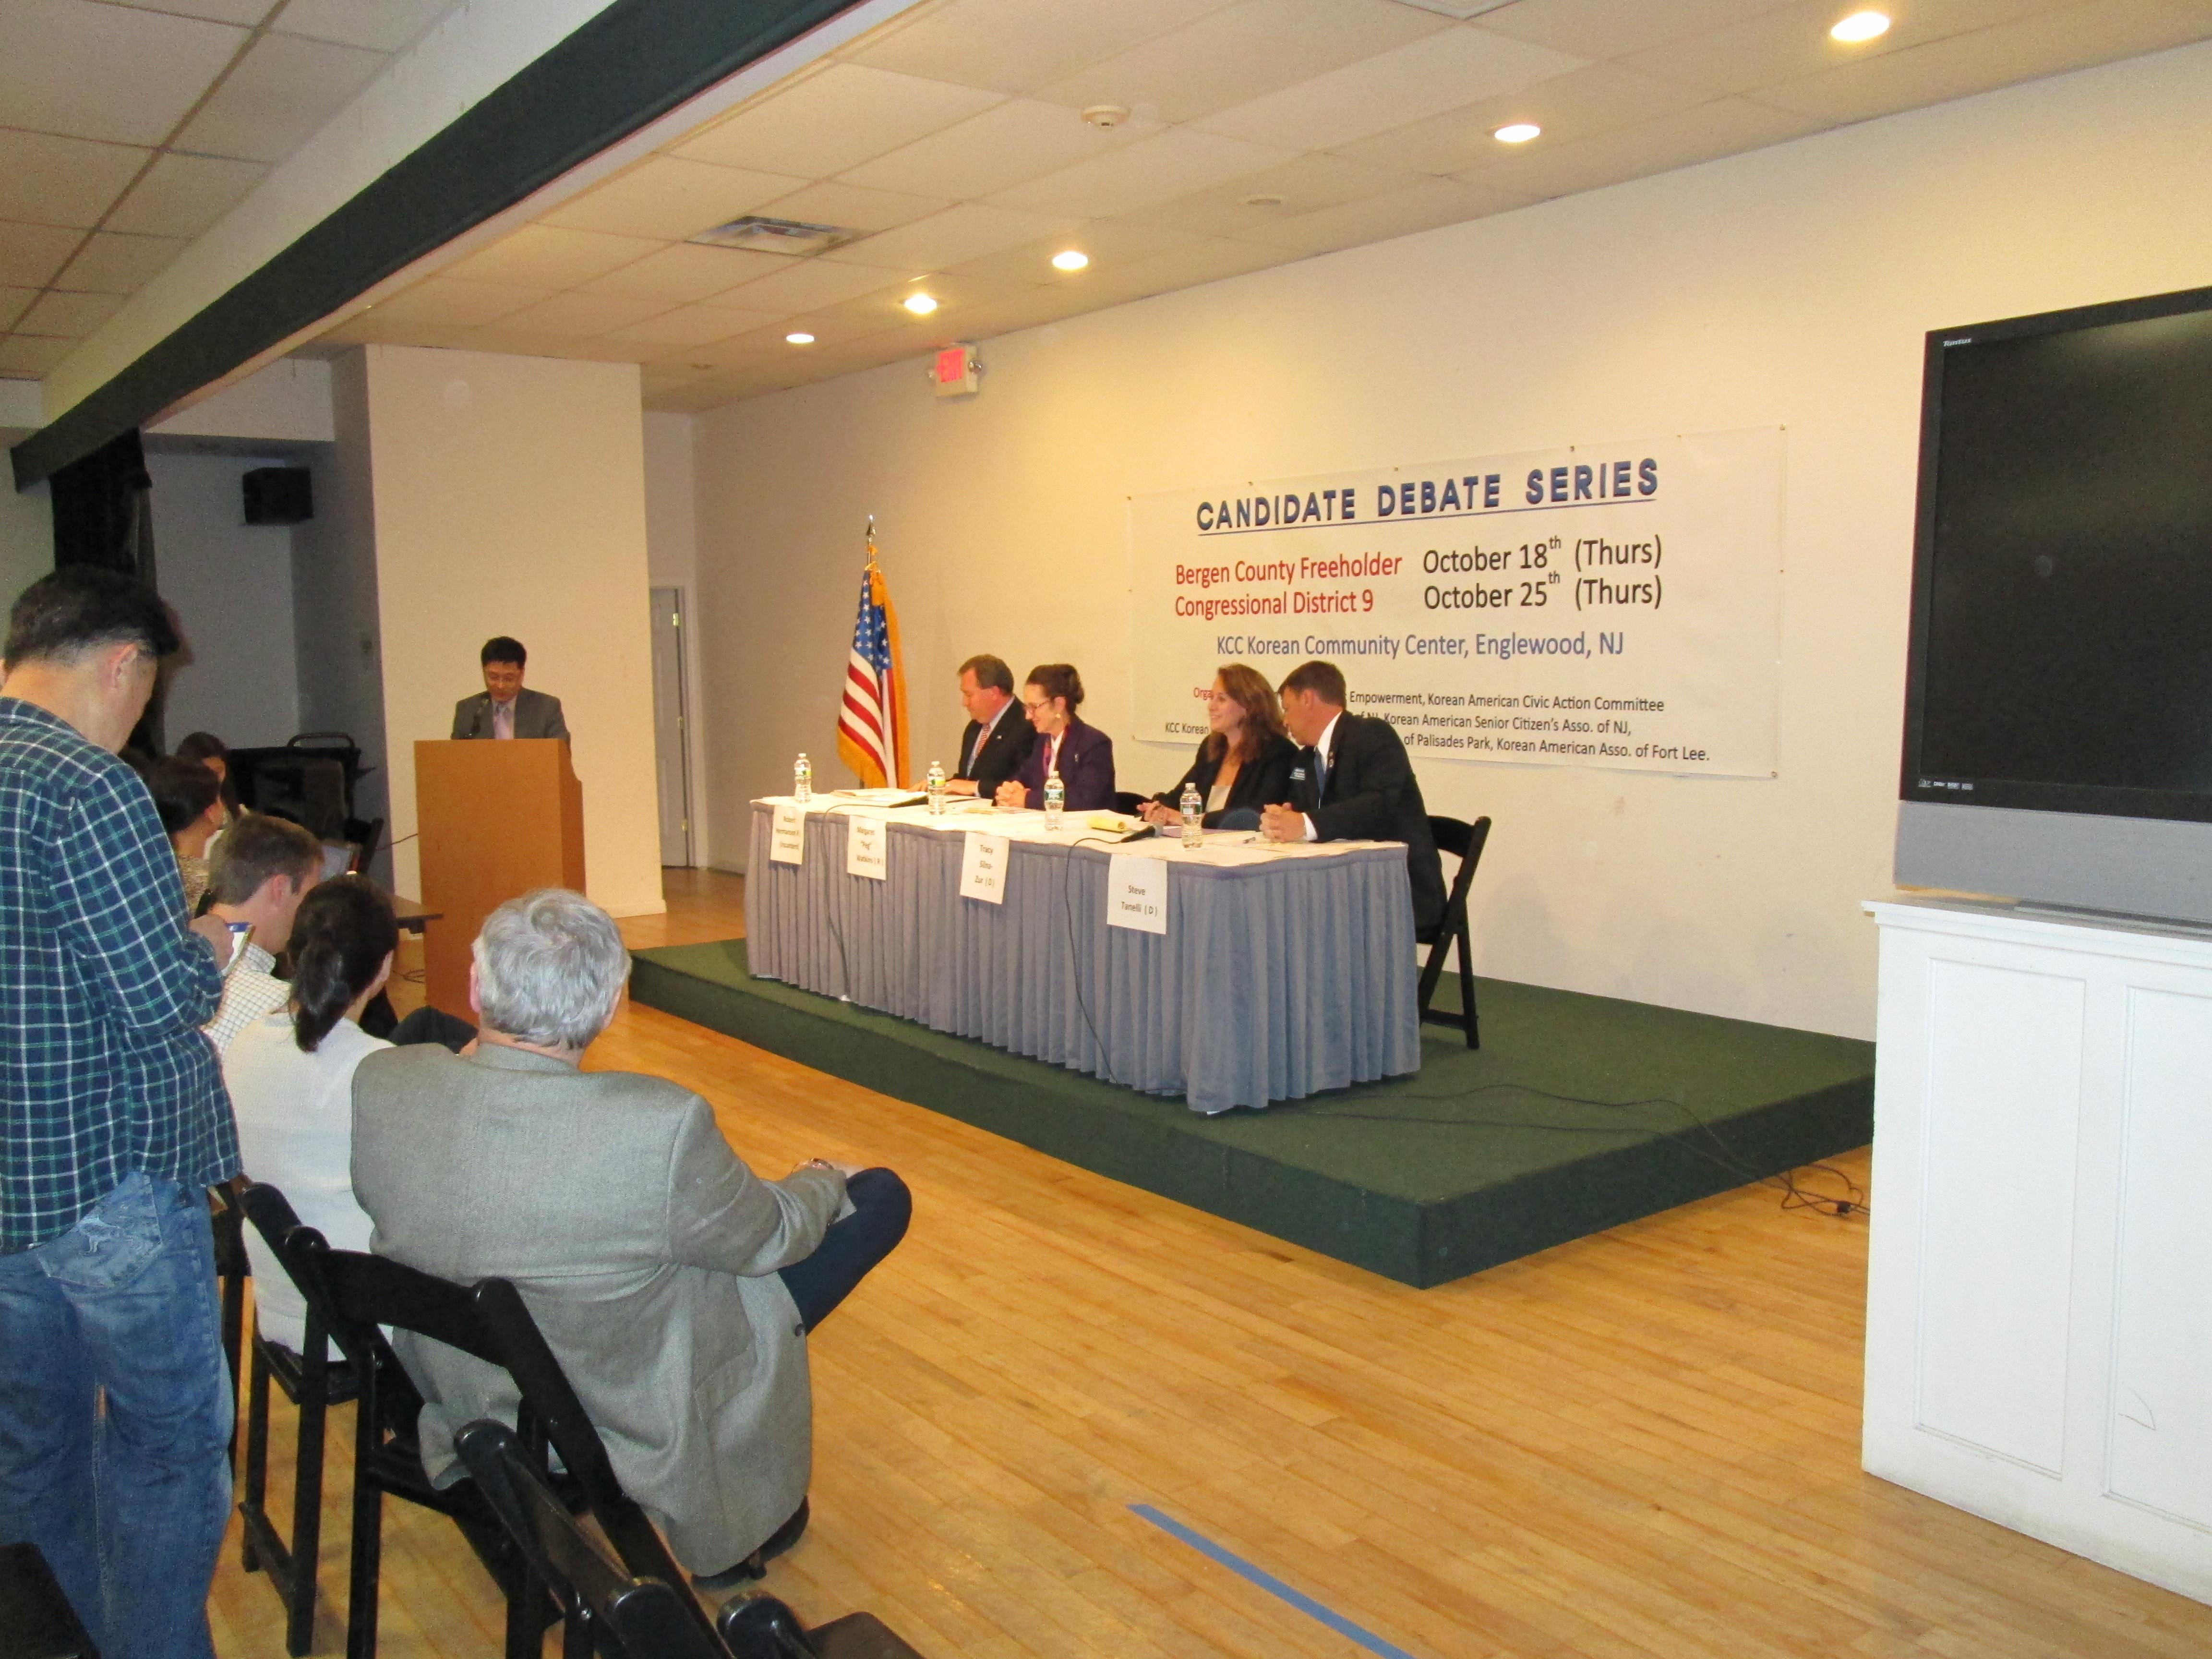 Bergen Freeholder Debate has GOP on Top at Korean Community Center in Englewood